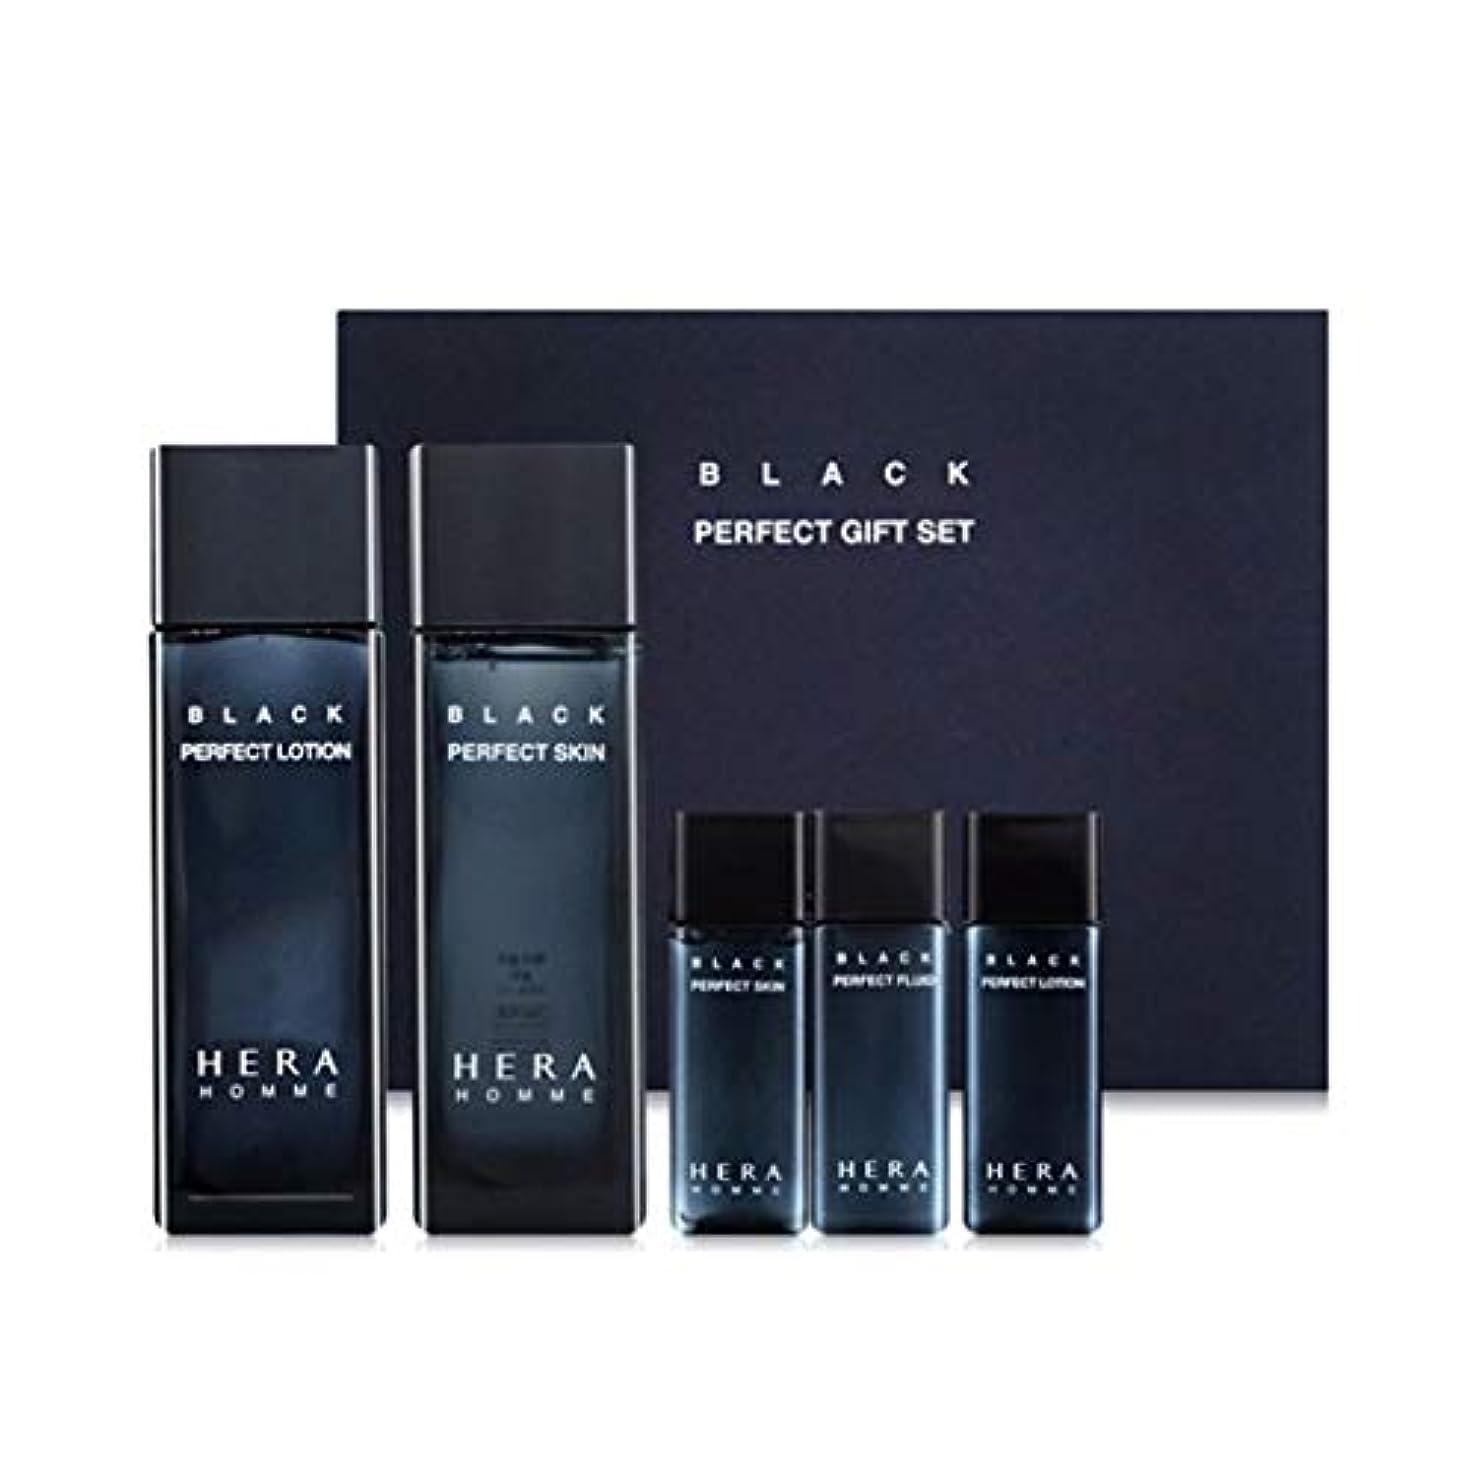 マウントバンク地下鉄数ヘラオムブラックパーフェクトスキンローションセットメンズコスメ韓国コスメ、Hera Homme Black Perfect Skin Lotion Set Men's Cosmetics Korean Cosmetics...